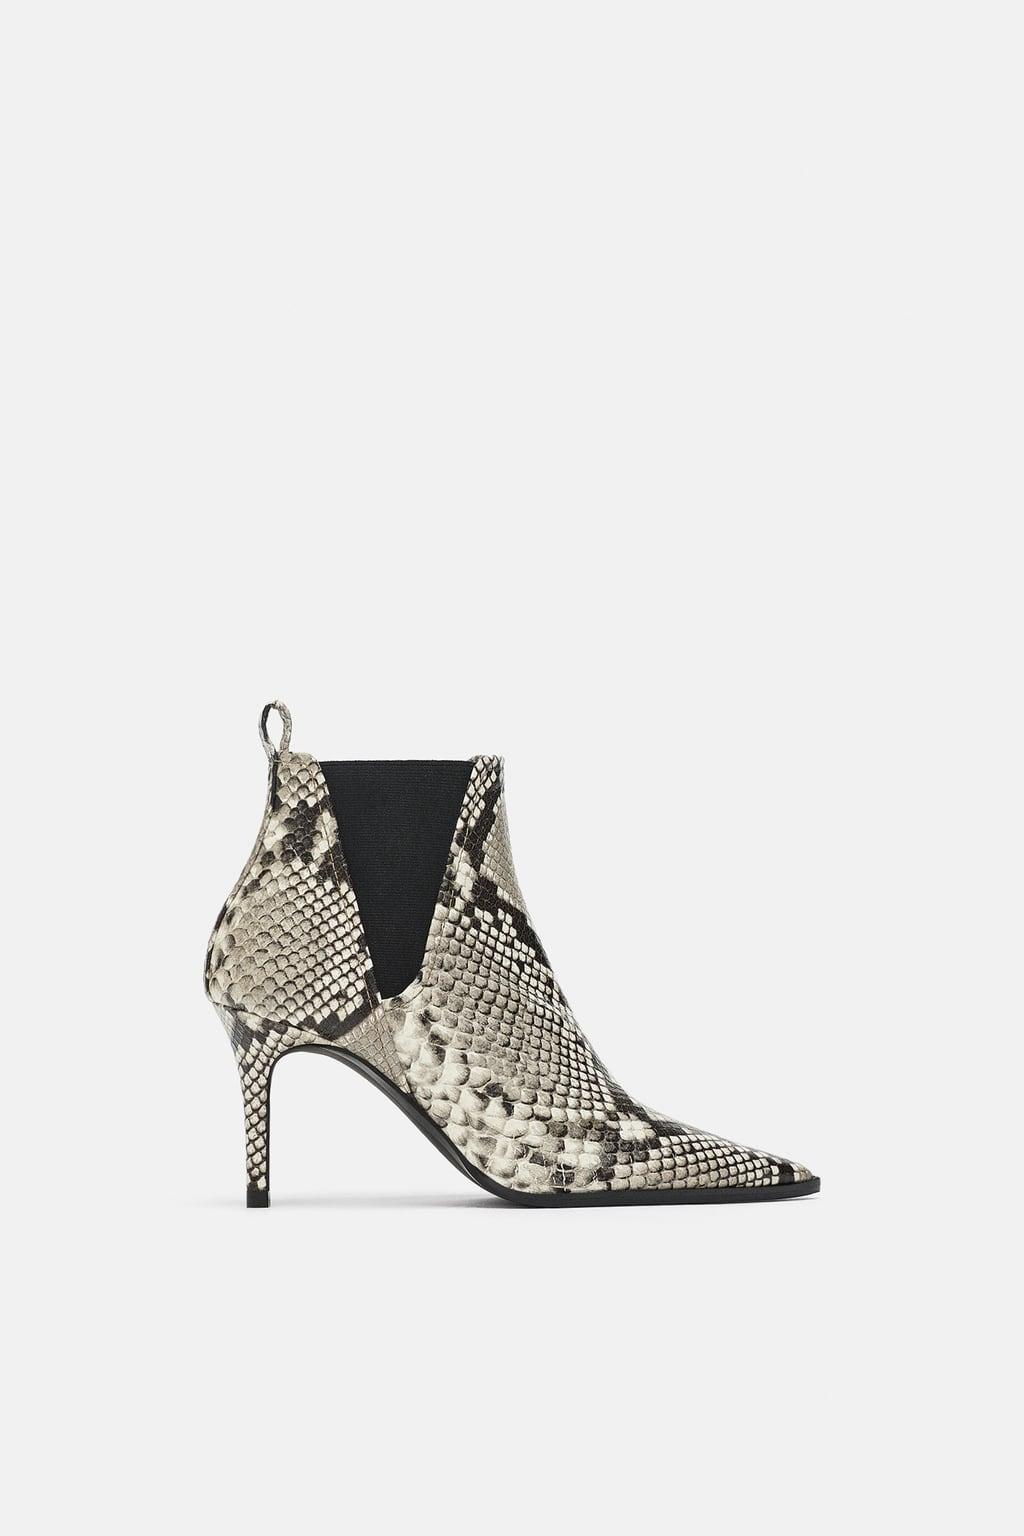 Botins Zara, 79,95 euros